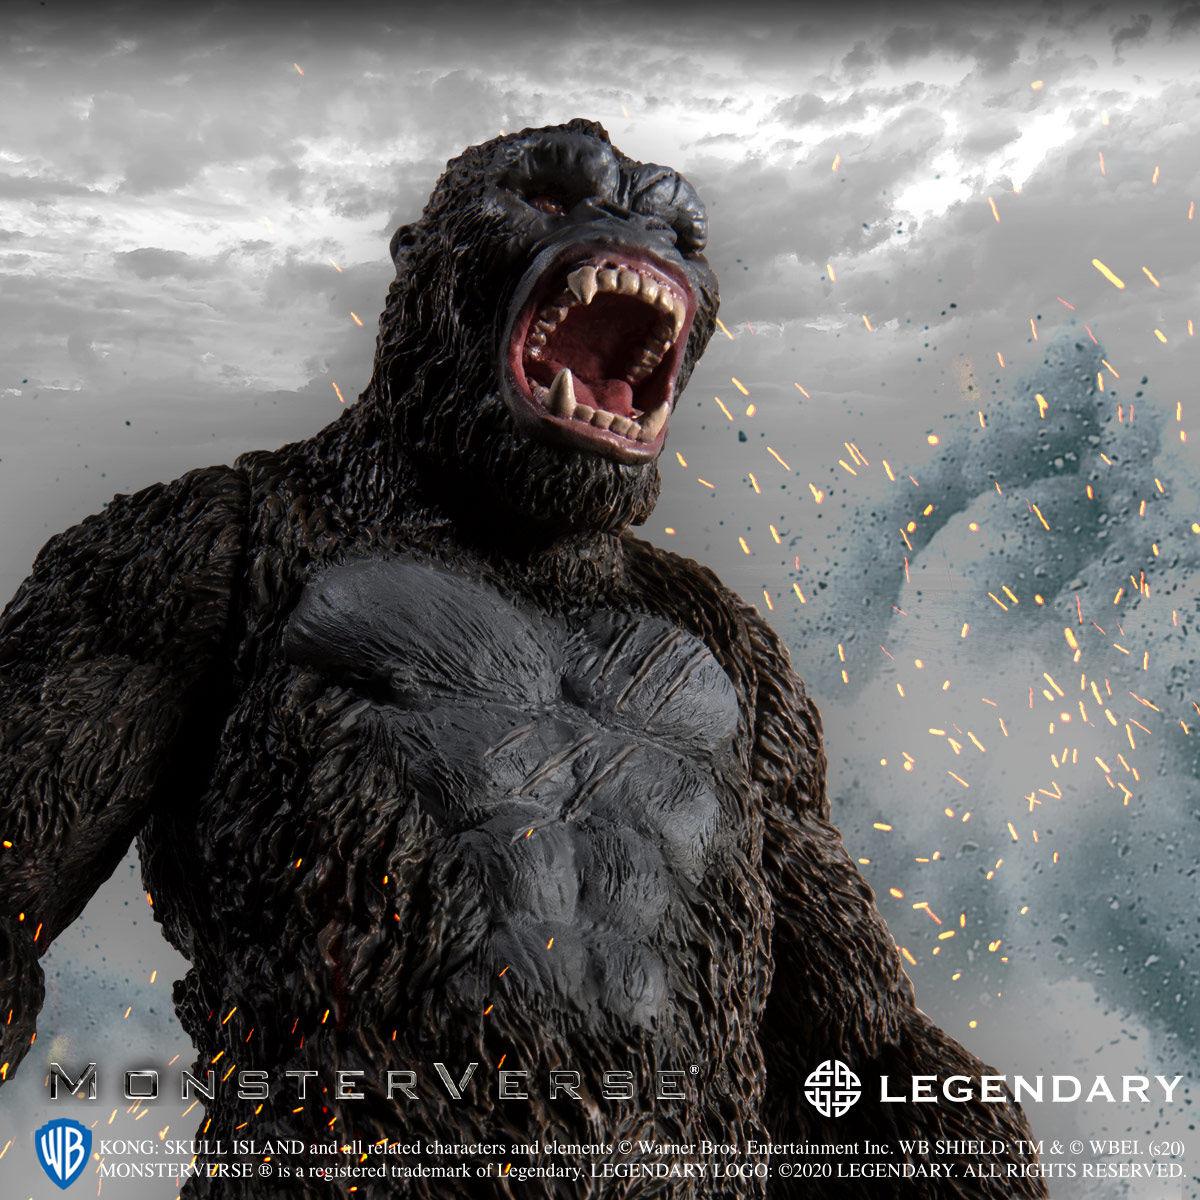 【限定販売】キングコング: 髑髏島の巨神『KONG SKULL ISLAND』ソフビフィギュア-007